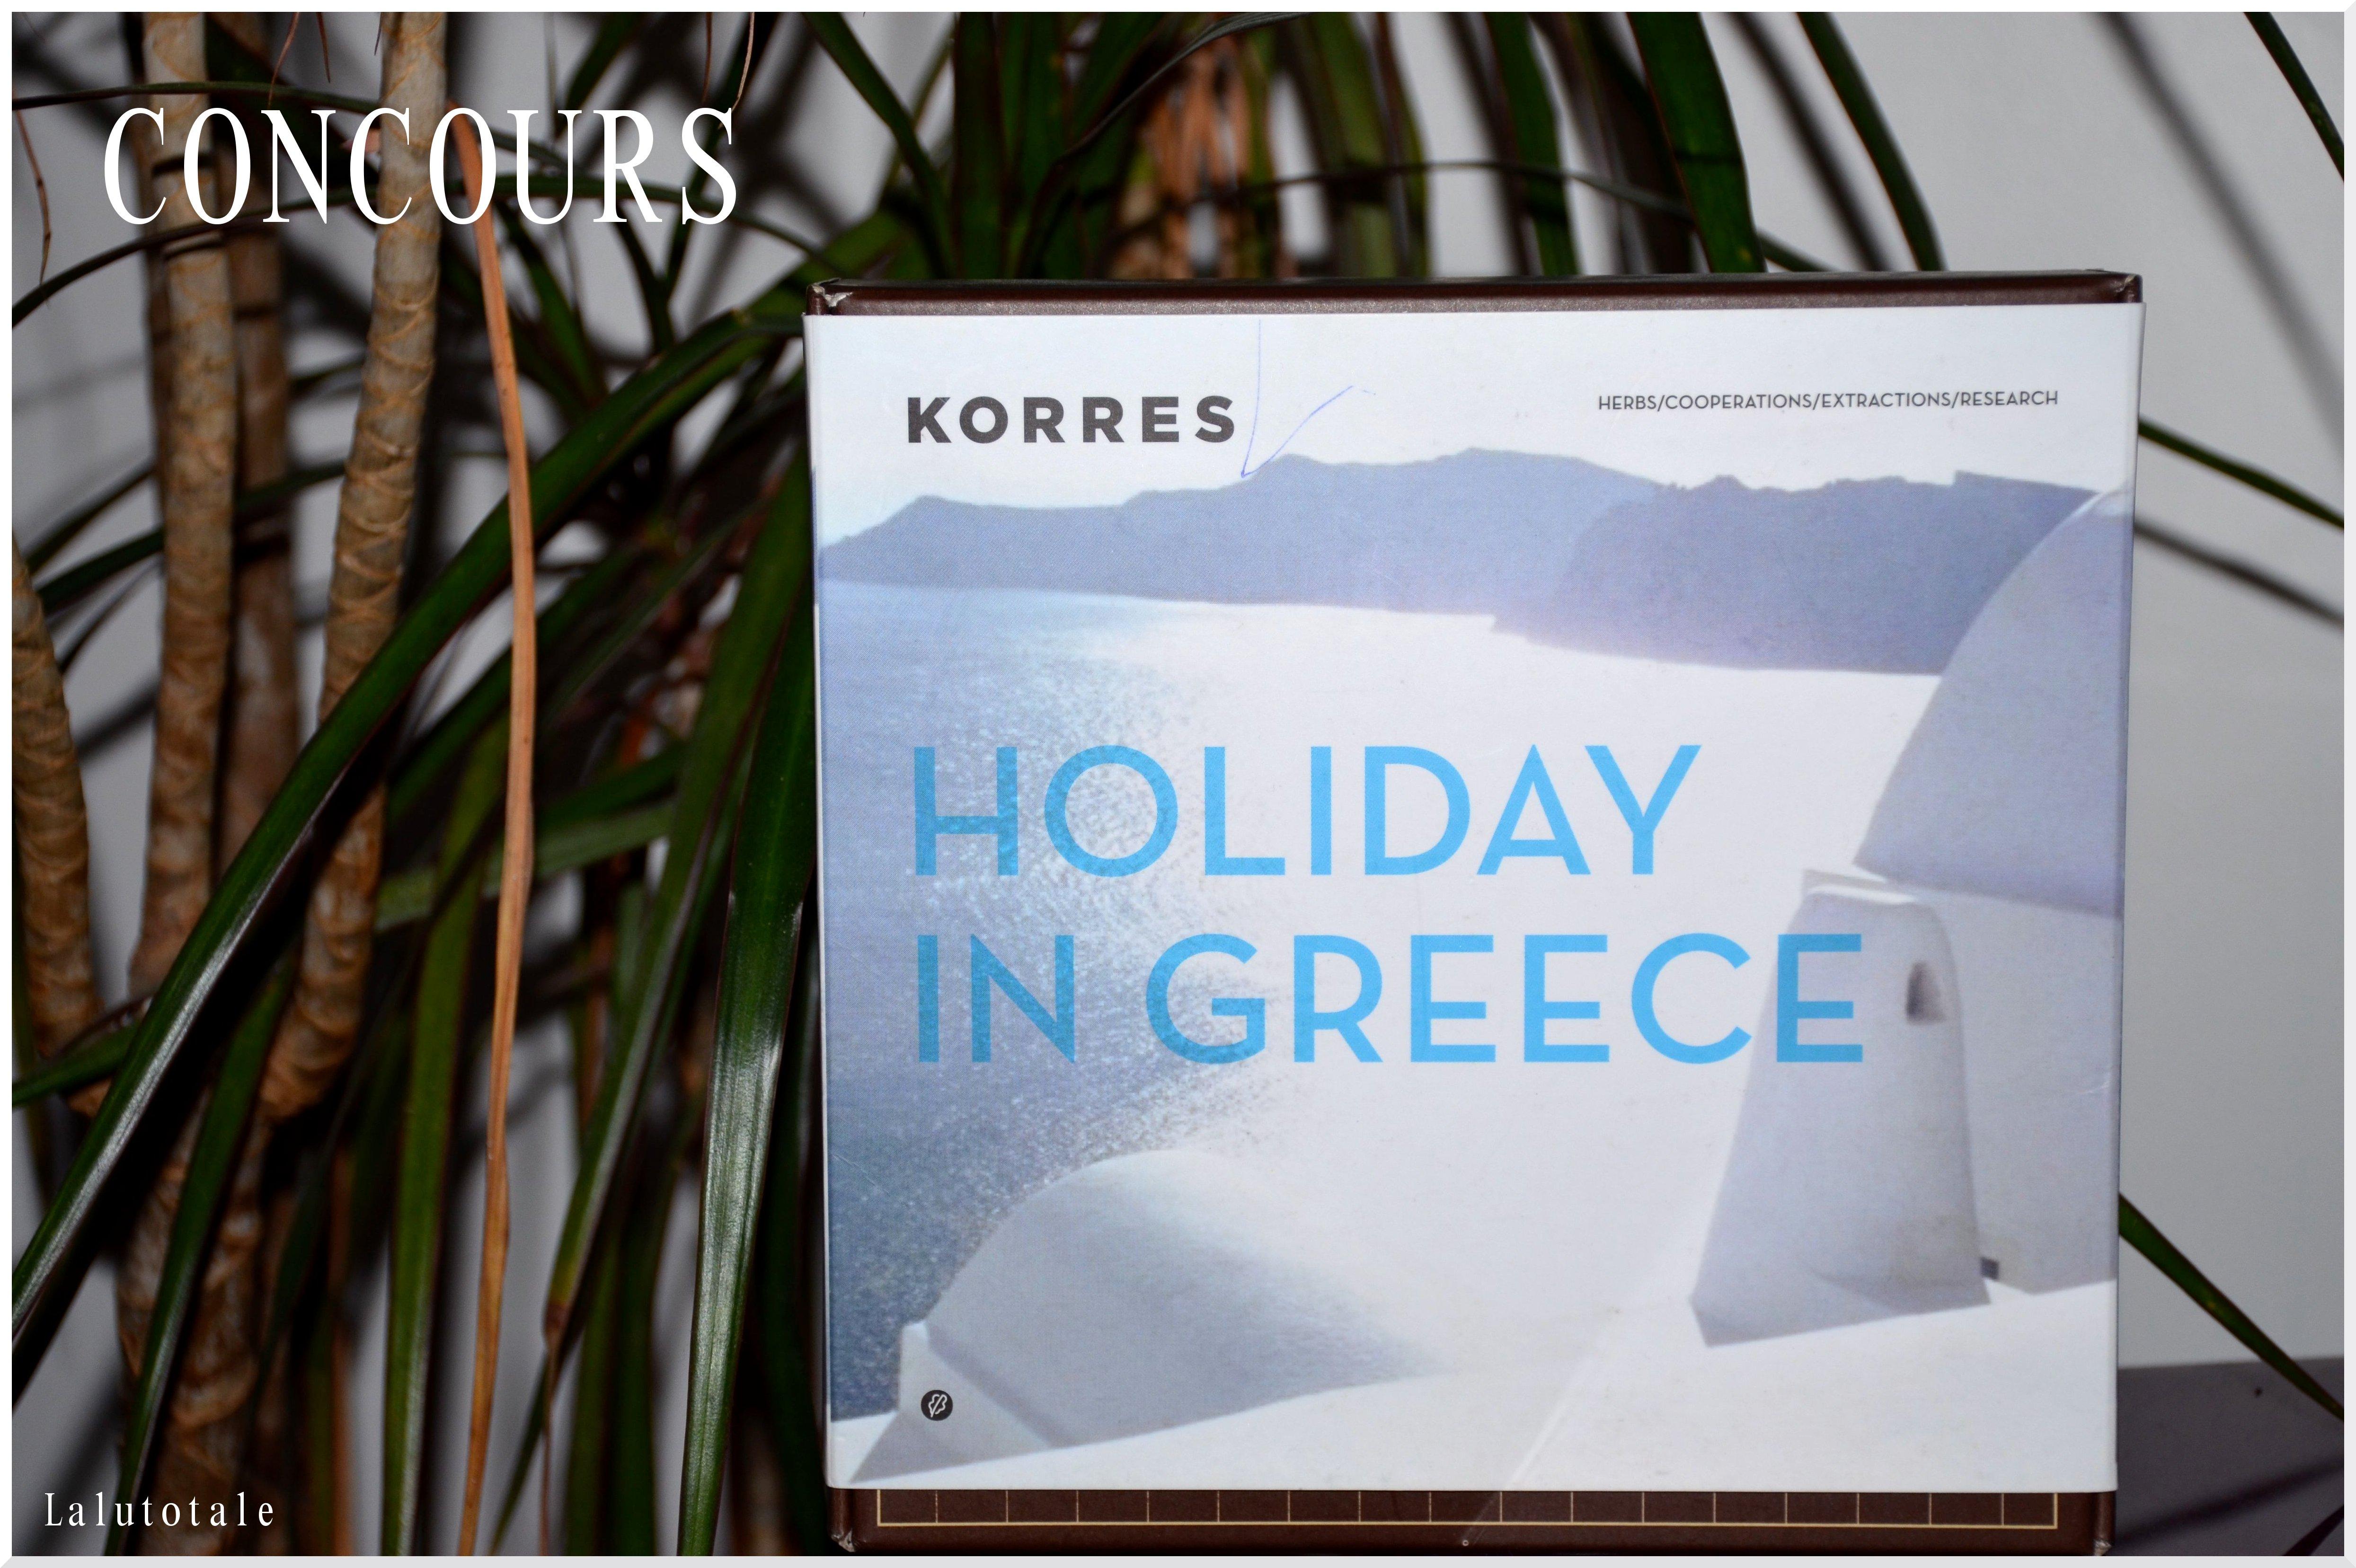 korres - 1